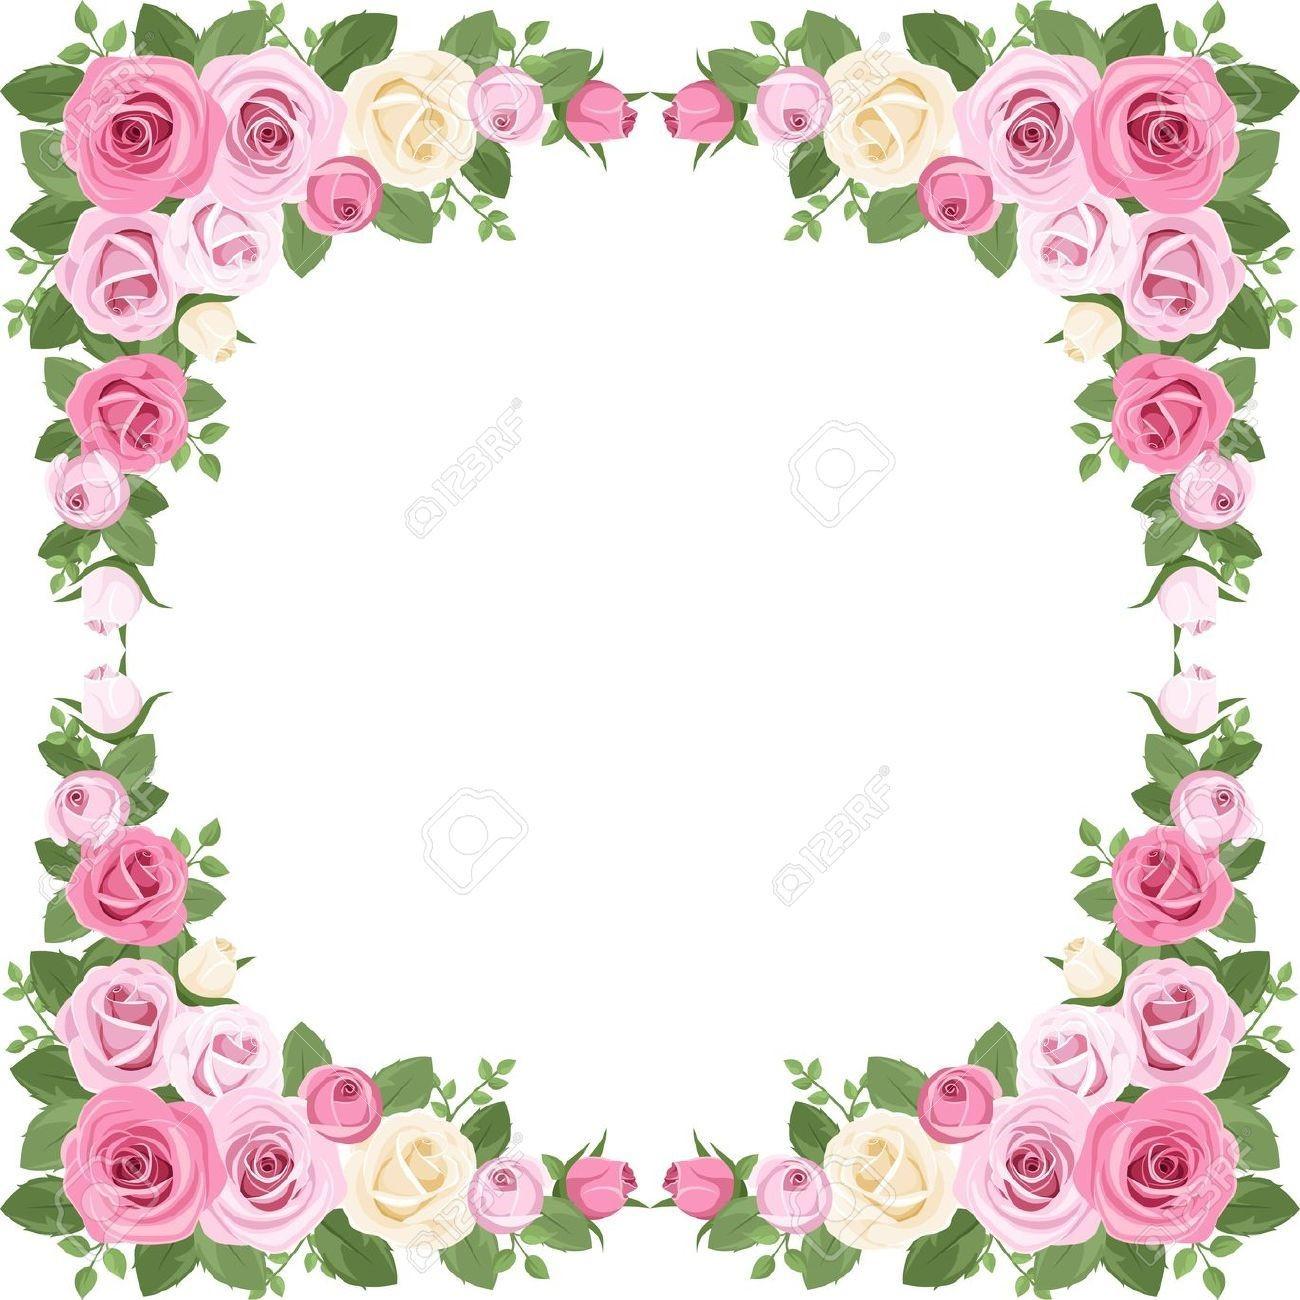 Marco de flores clásico en color fucsiaMarco de flores clásico en color fucsia